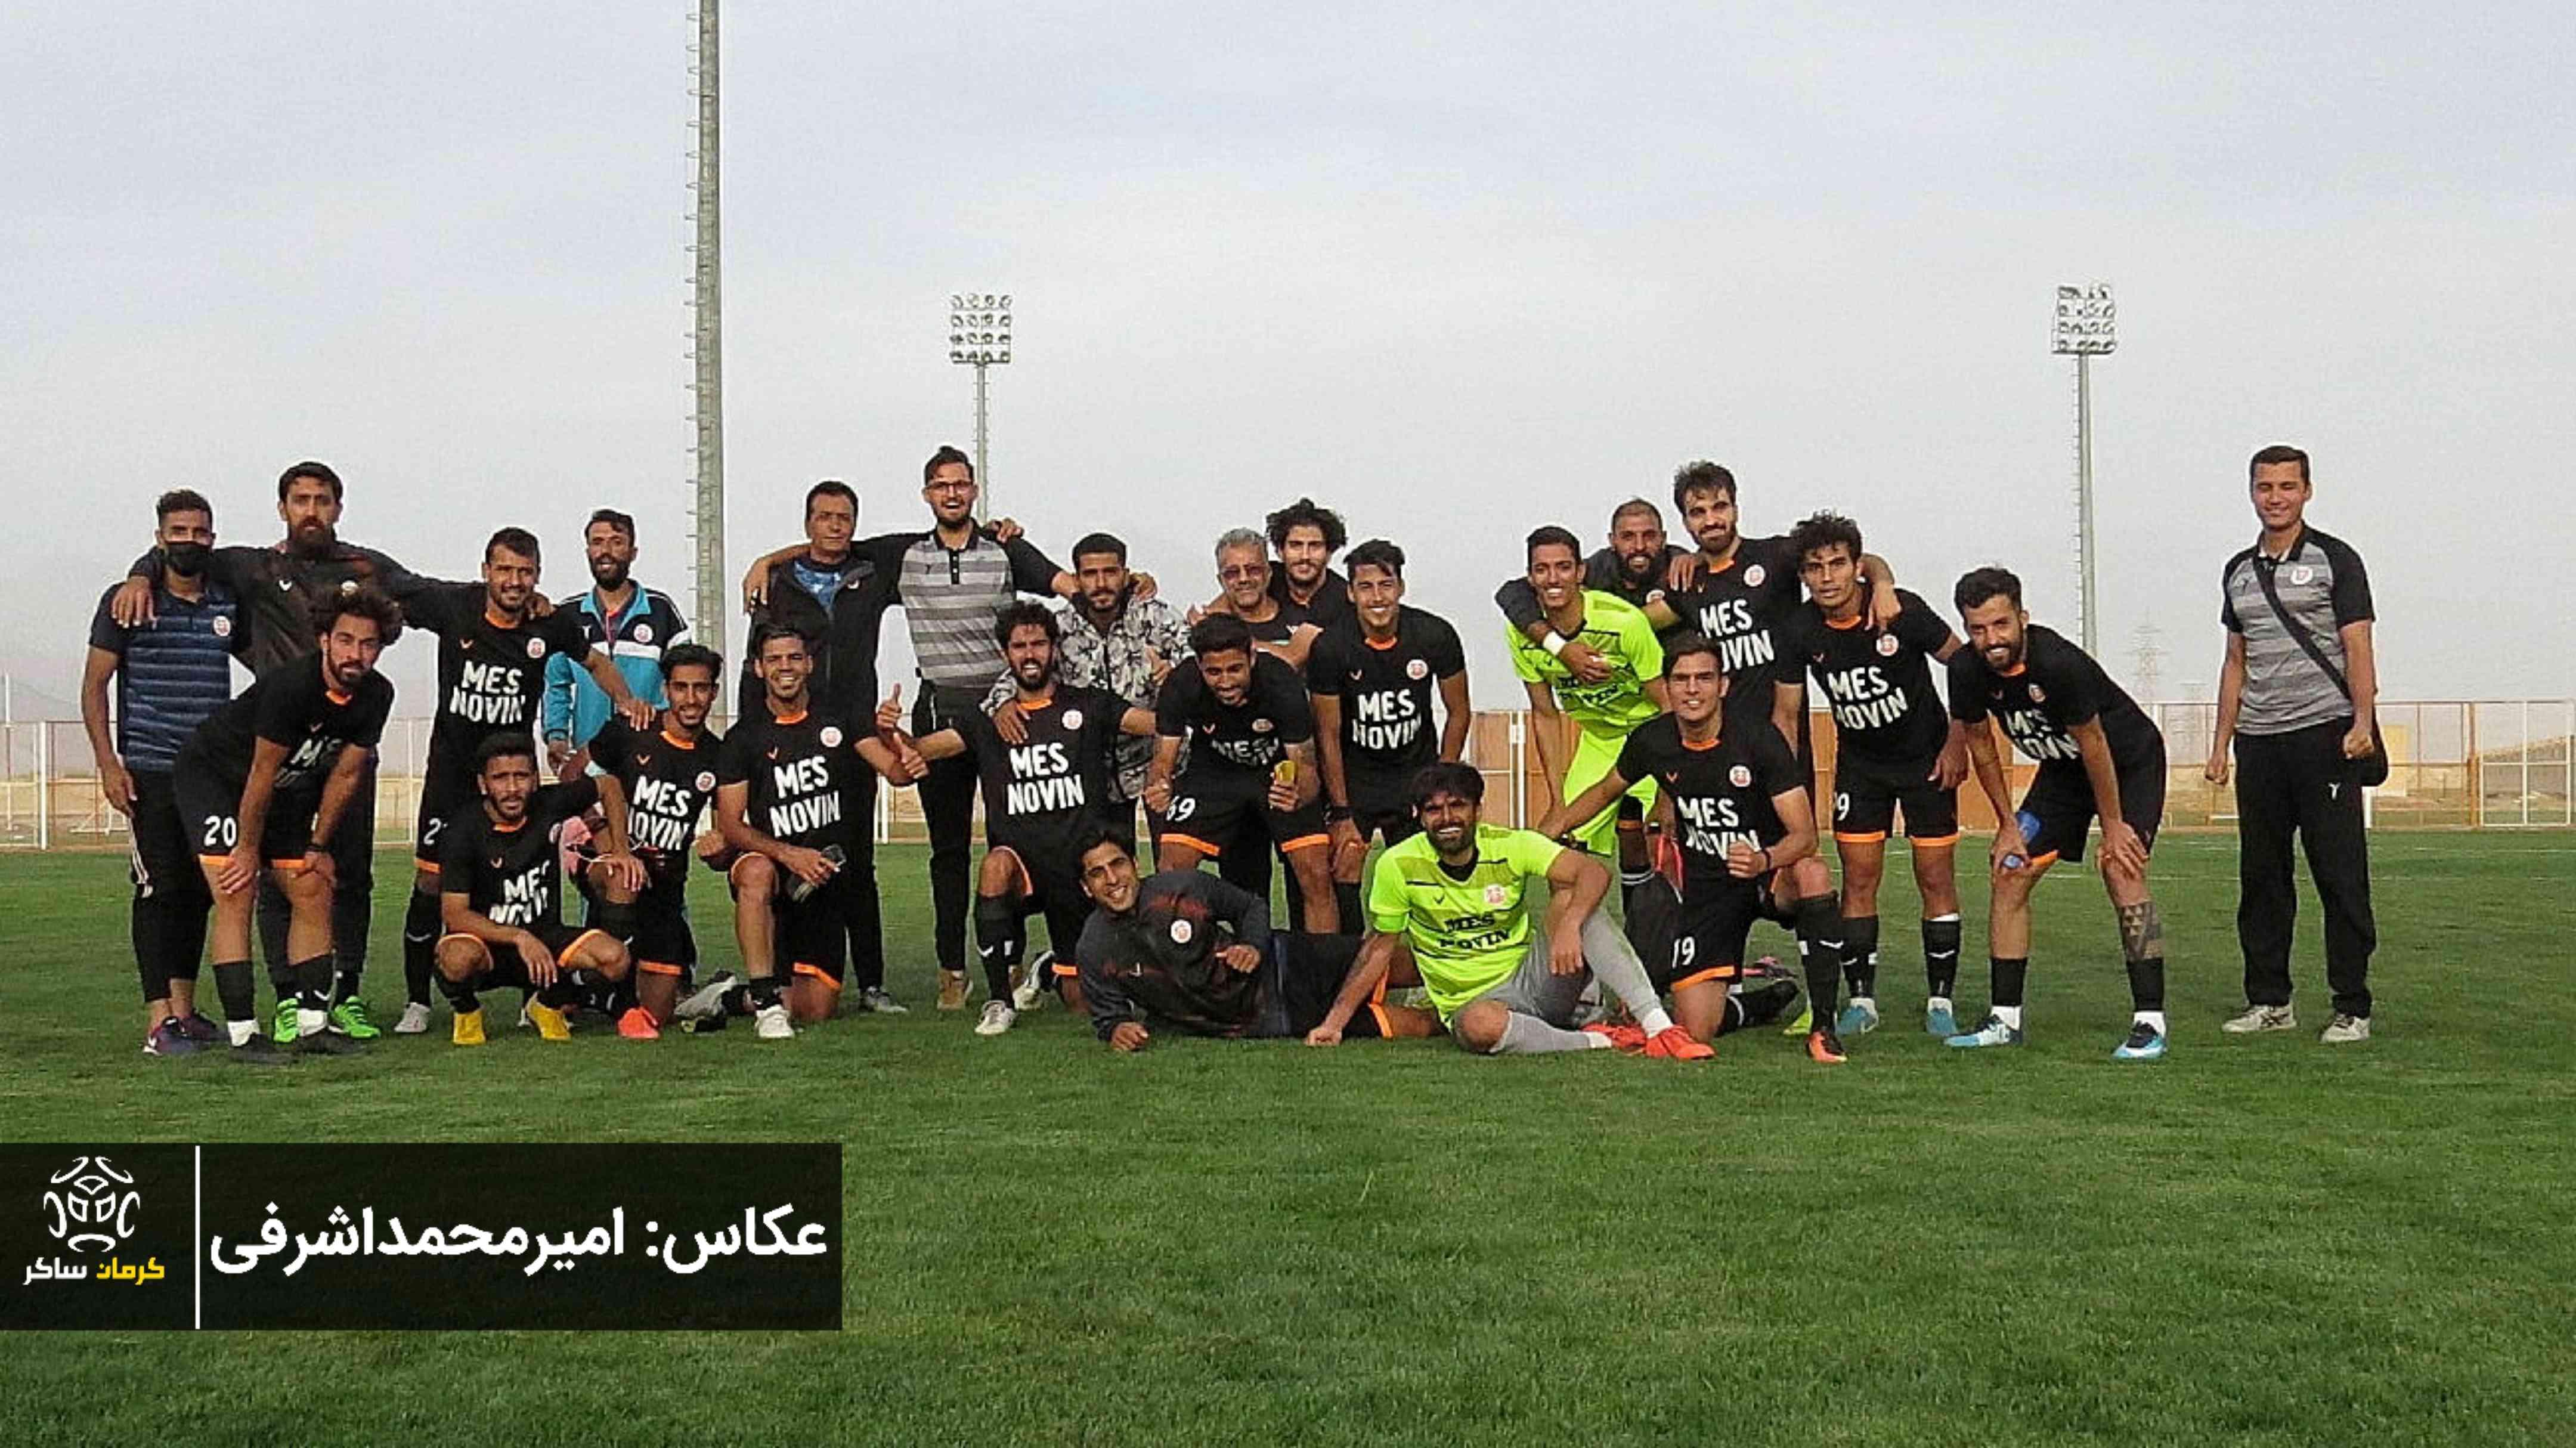 گزارش تصویری:هفته دهم لیگ دسته دوم/مس نوین - ایرانجوان بوشهر از نگاه دوربین امیرمحمد اشرفی